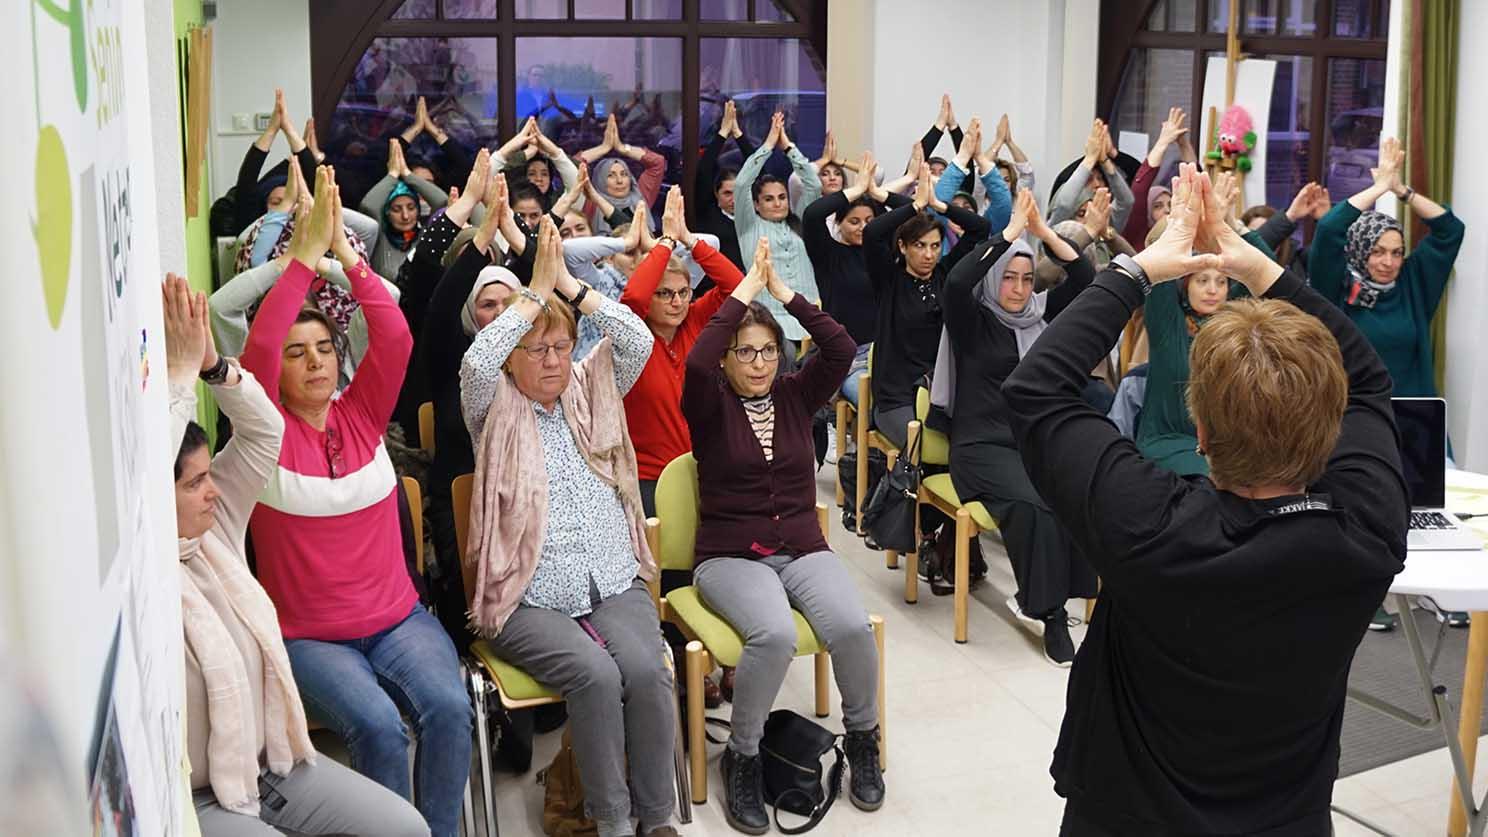 Etwa 20 Frauen und Mütter sind zu sehen. Sie sitzen im Publikum und halten die Arme in Yoga-Grußhaltung nach oben.